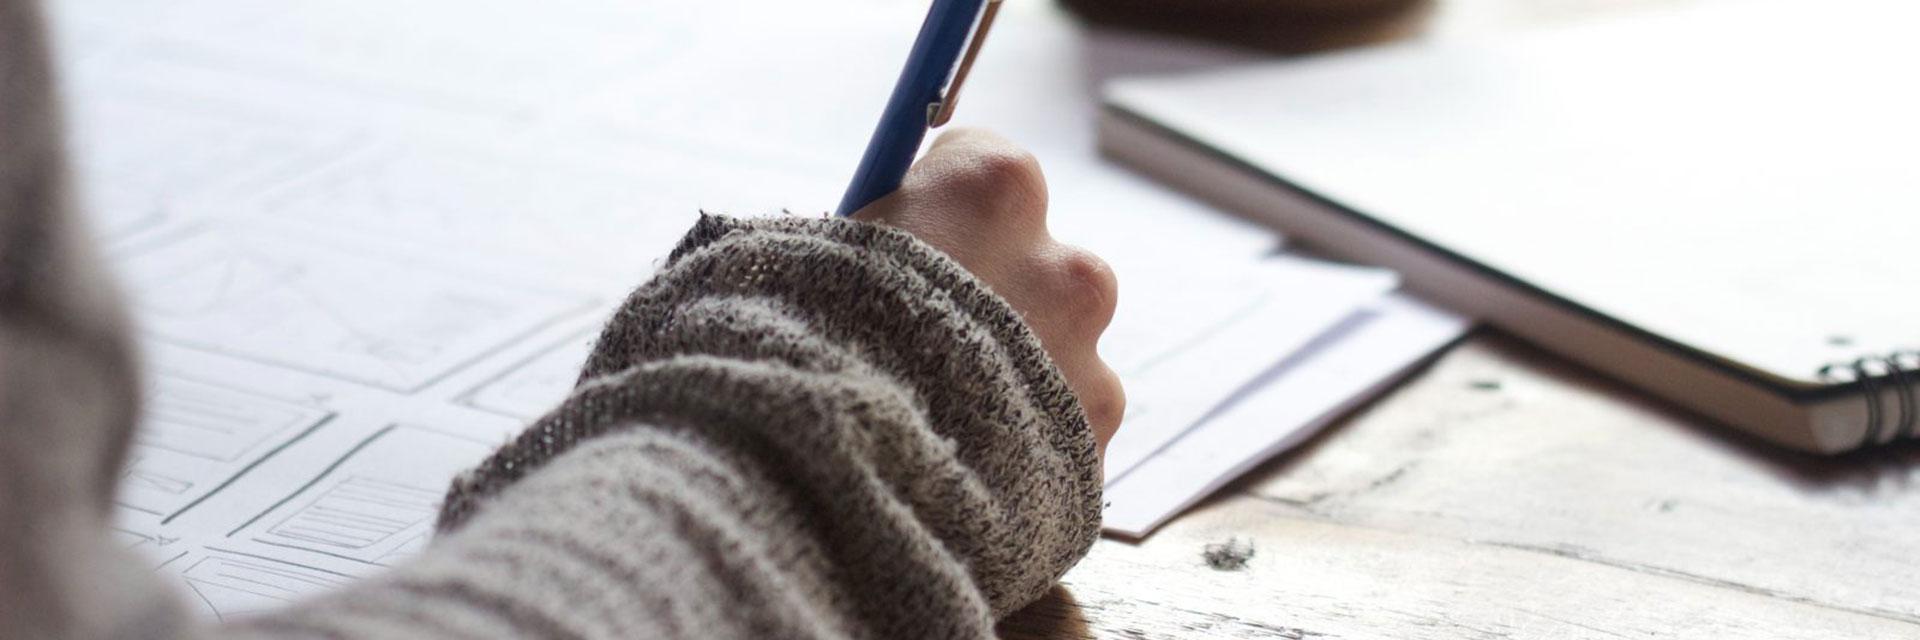 62个外贸开发信/外贸邮件/外贸口语中都可以使用的英文例句